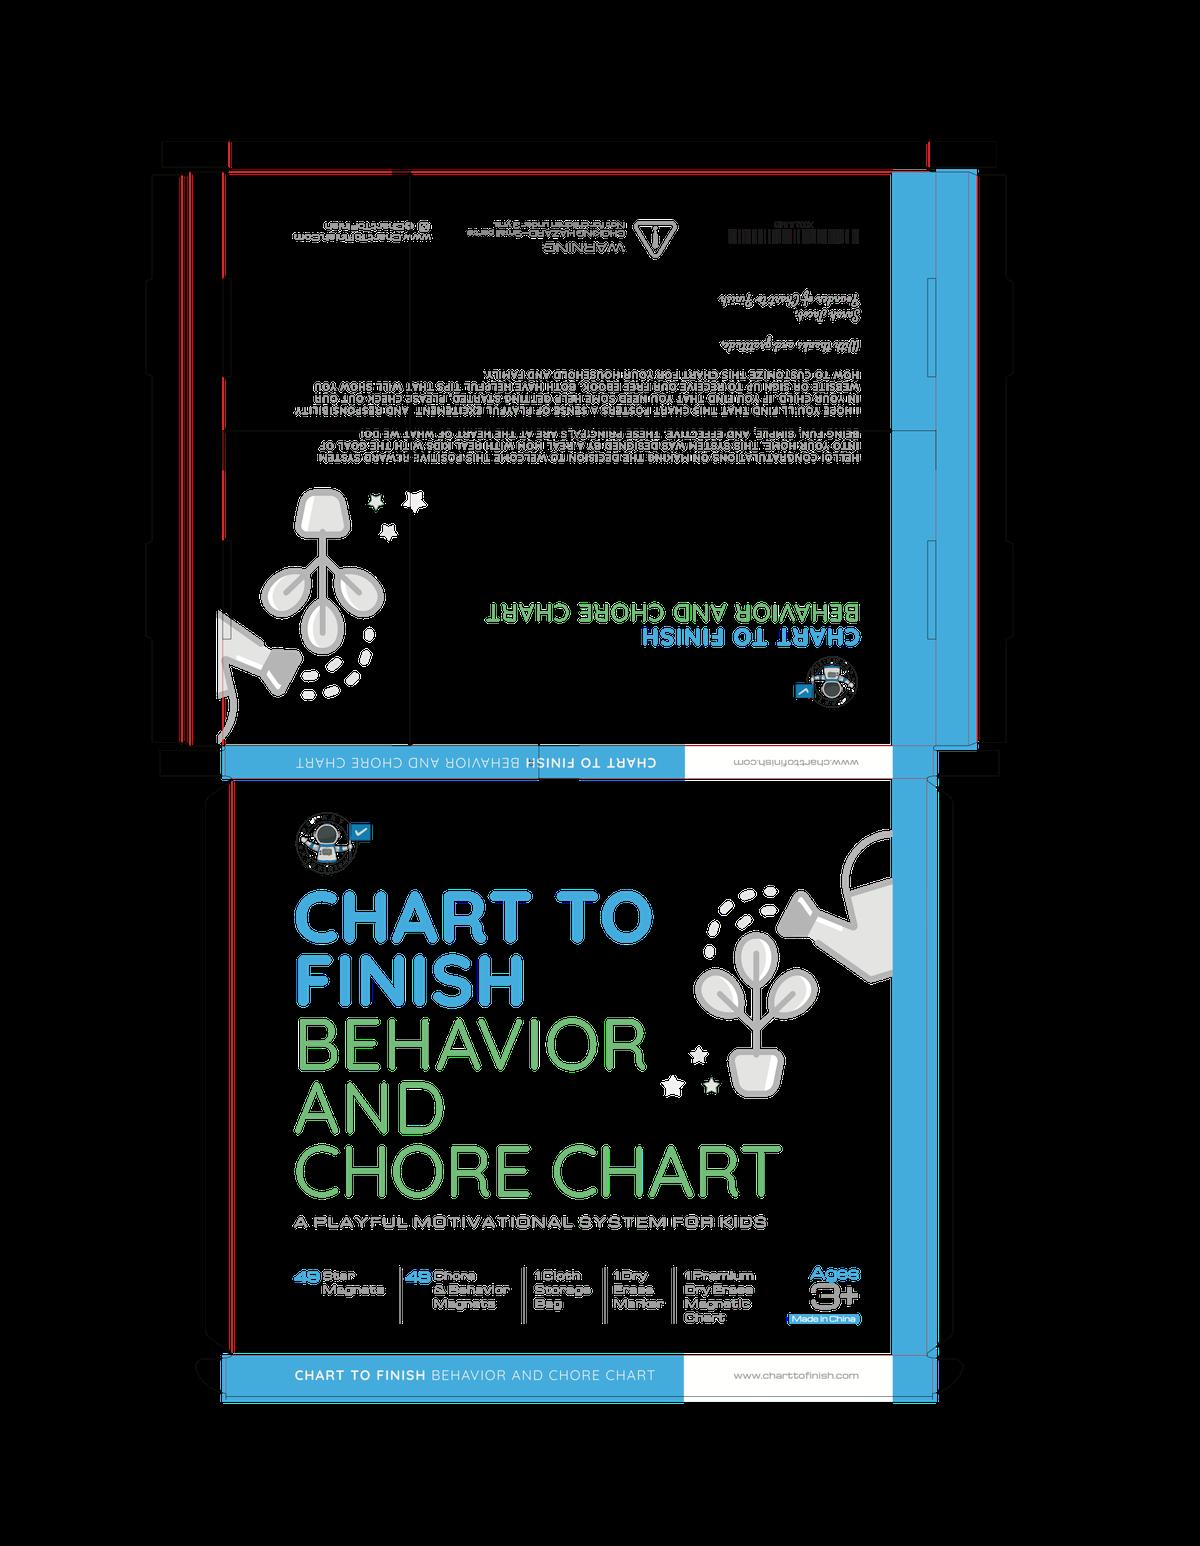 Chart to Finish Chore Chart Box Design